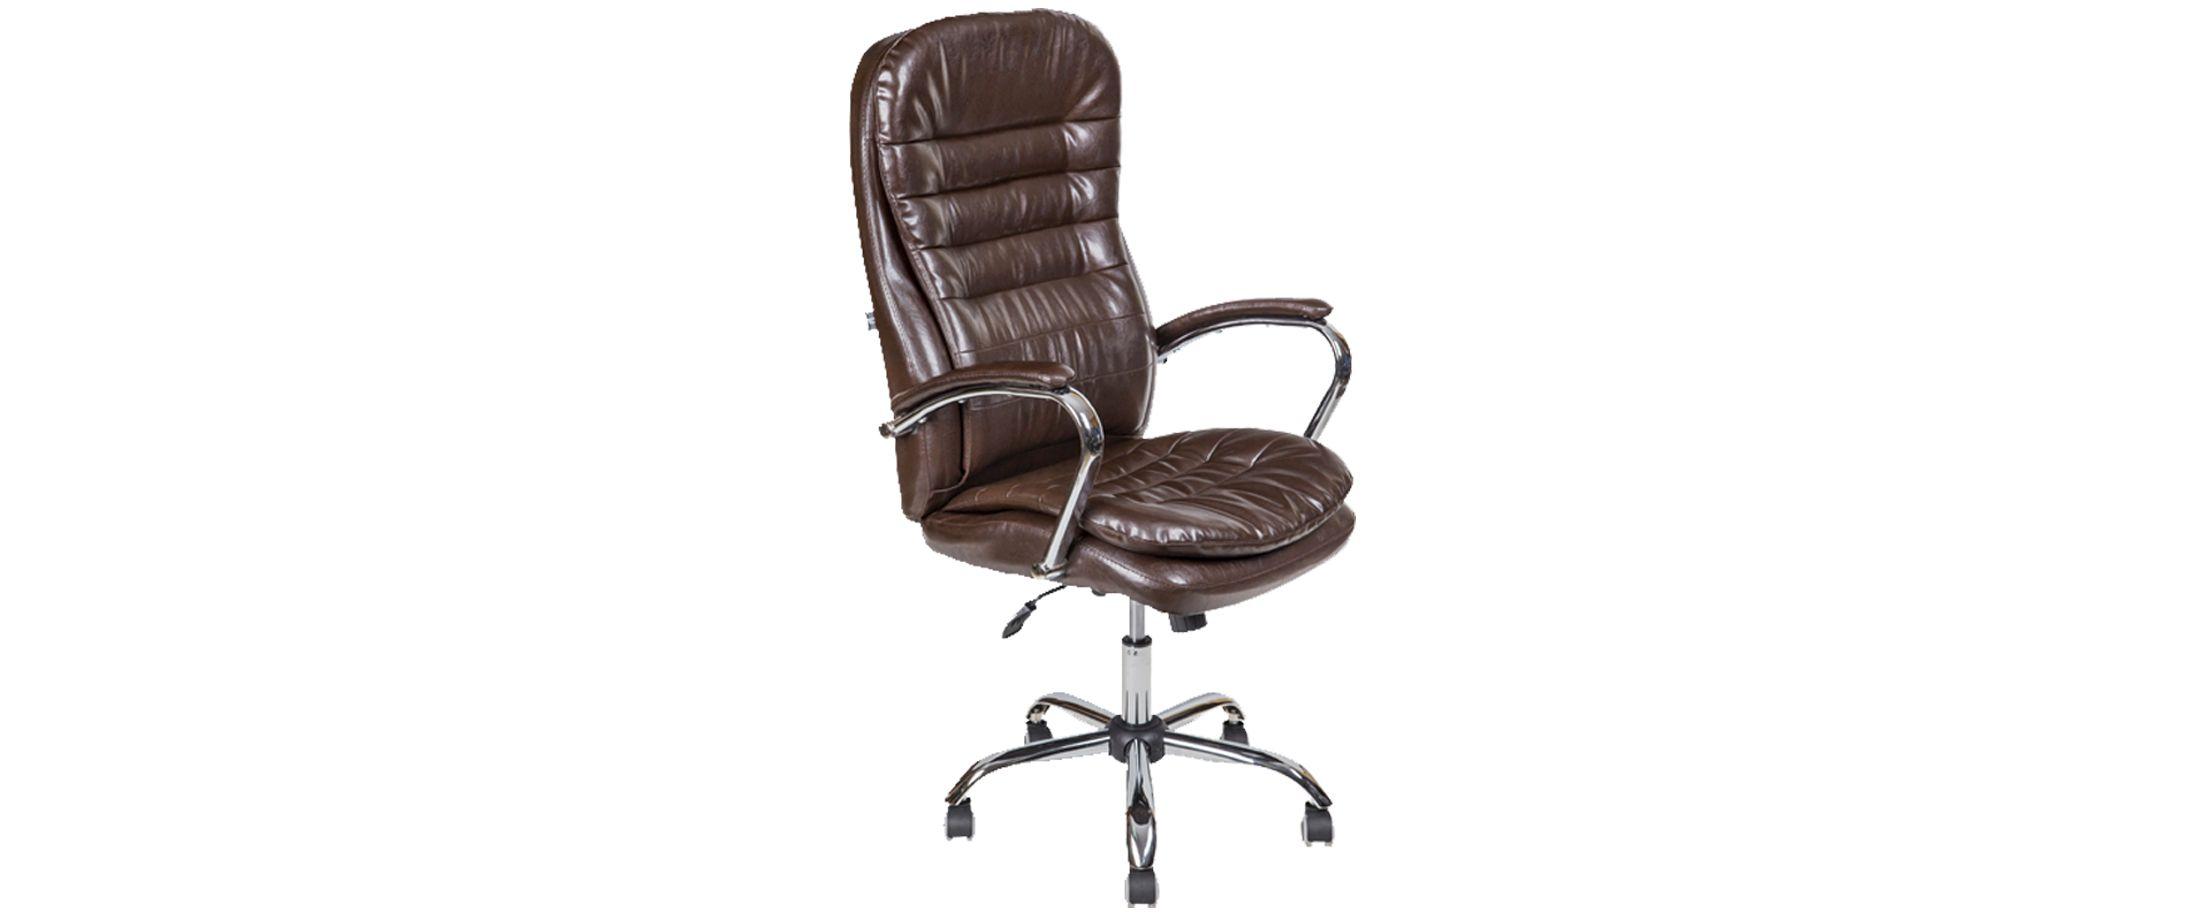 Кресло офисное AV 118 из экокожи цвет шоколад Модель 999 от MOON TRADE